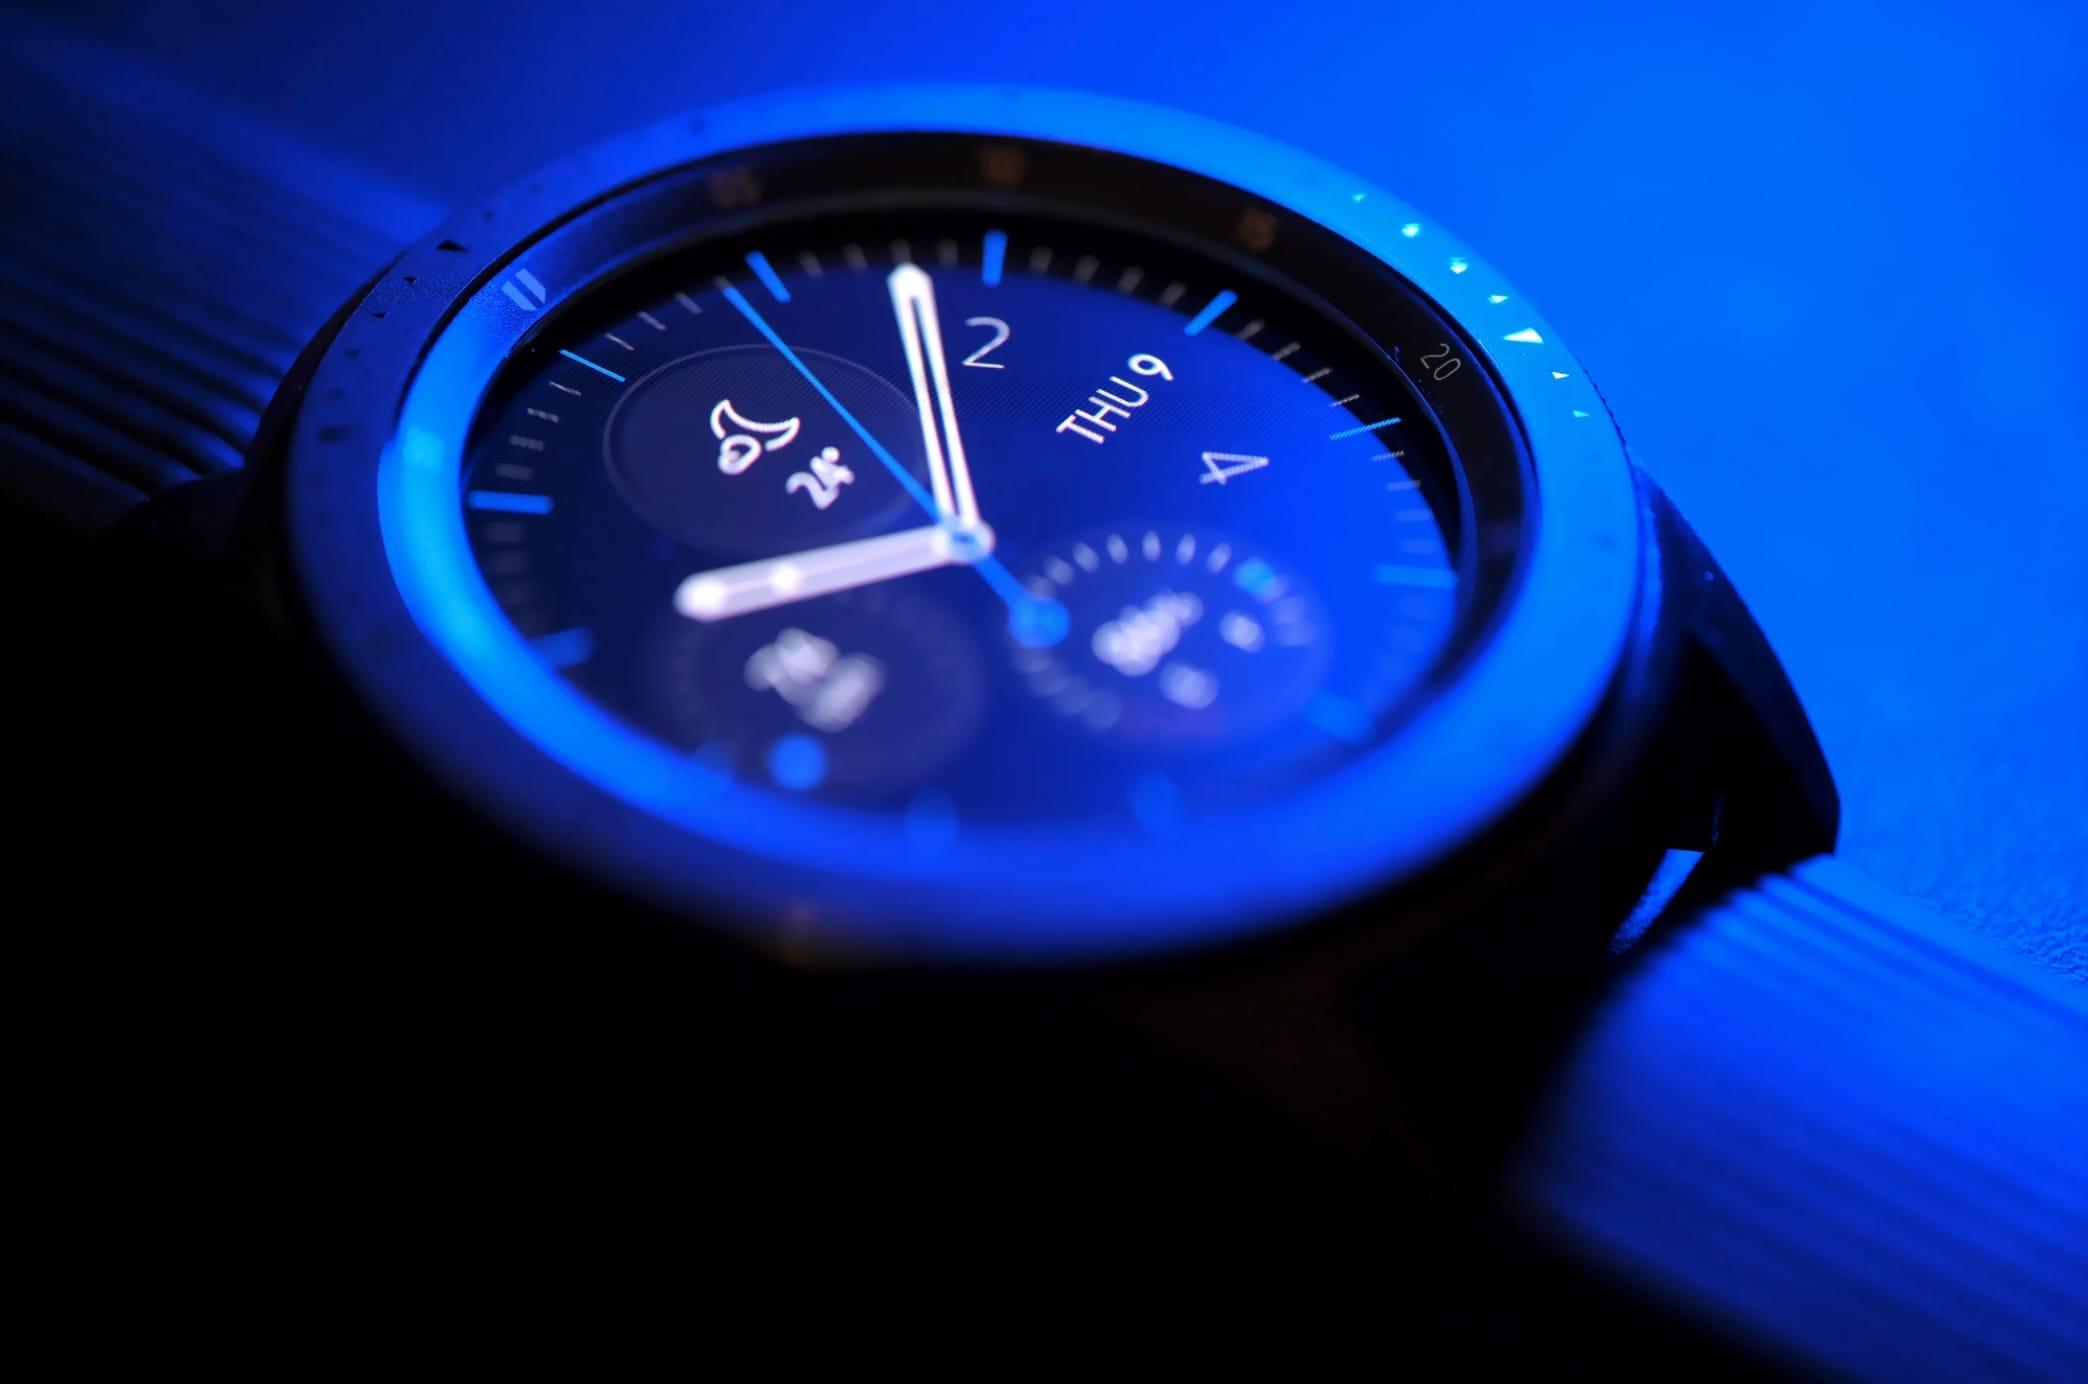 Samsung zeigt neue Galaxy Watch 4 mit Wear OS vielleicht früher als erwartet